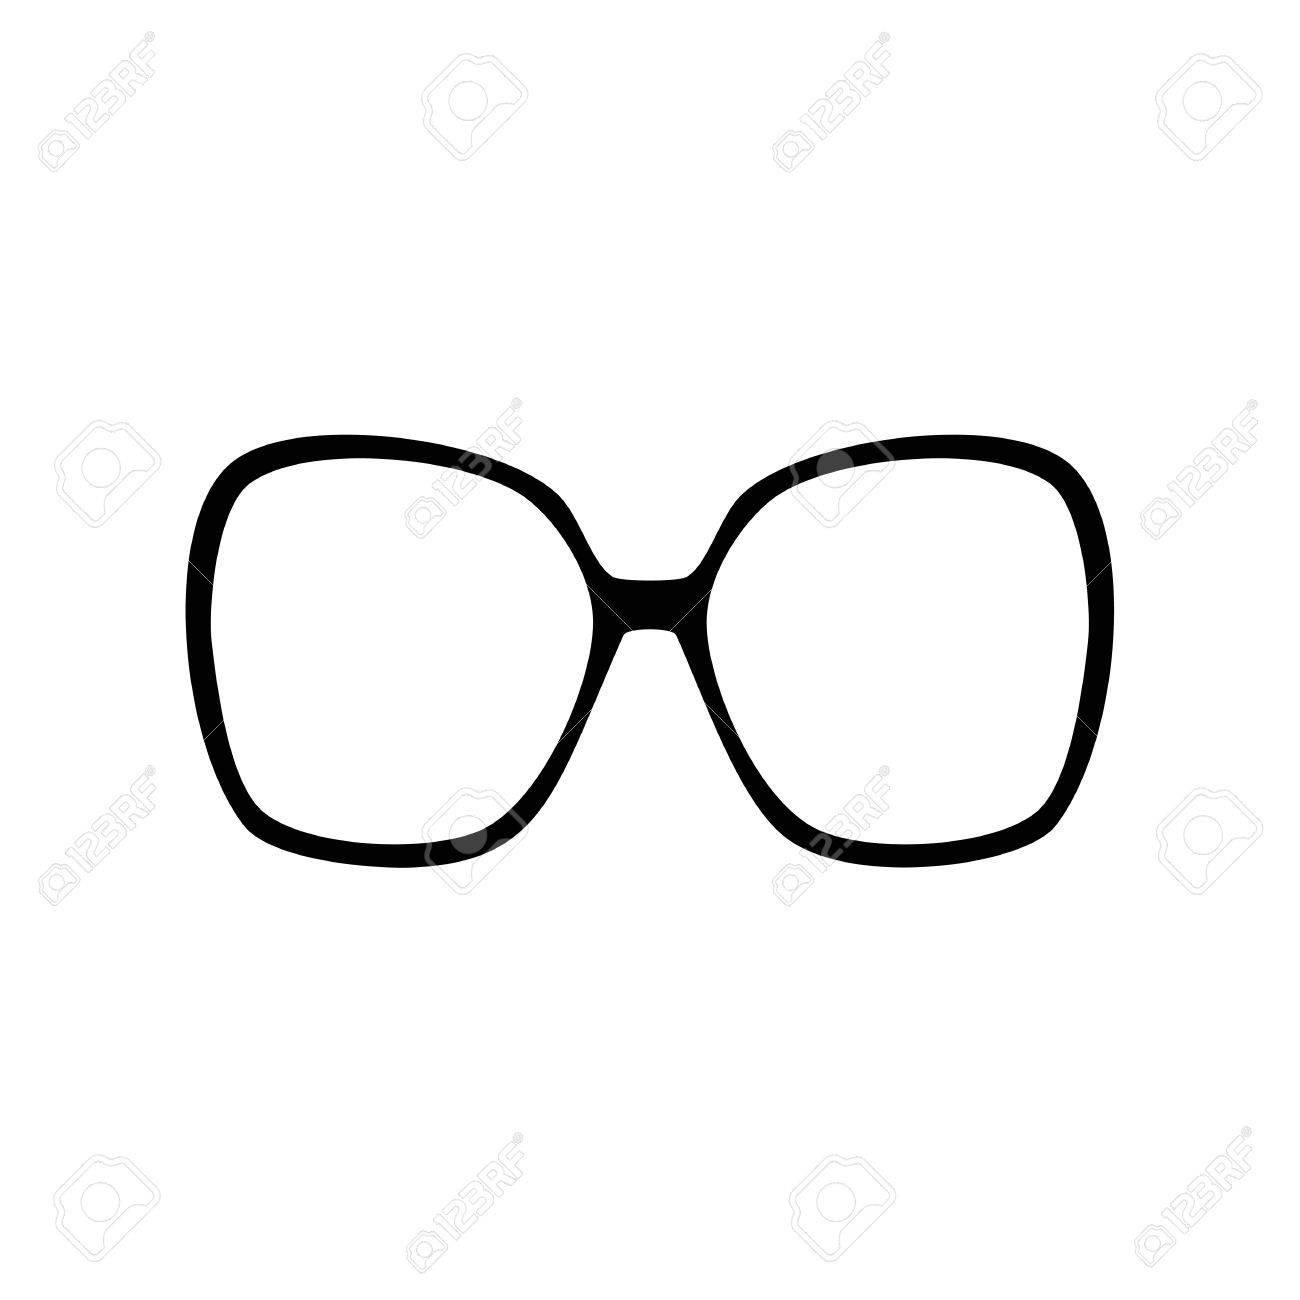 edc70aa96681f0 Banque d images - Ensemble de différents verres. lunettes de soleil  élégantes pour femmes, hommes et enfants. Eye collection de lunettes.